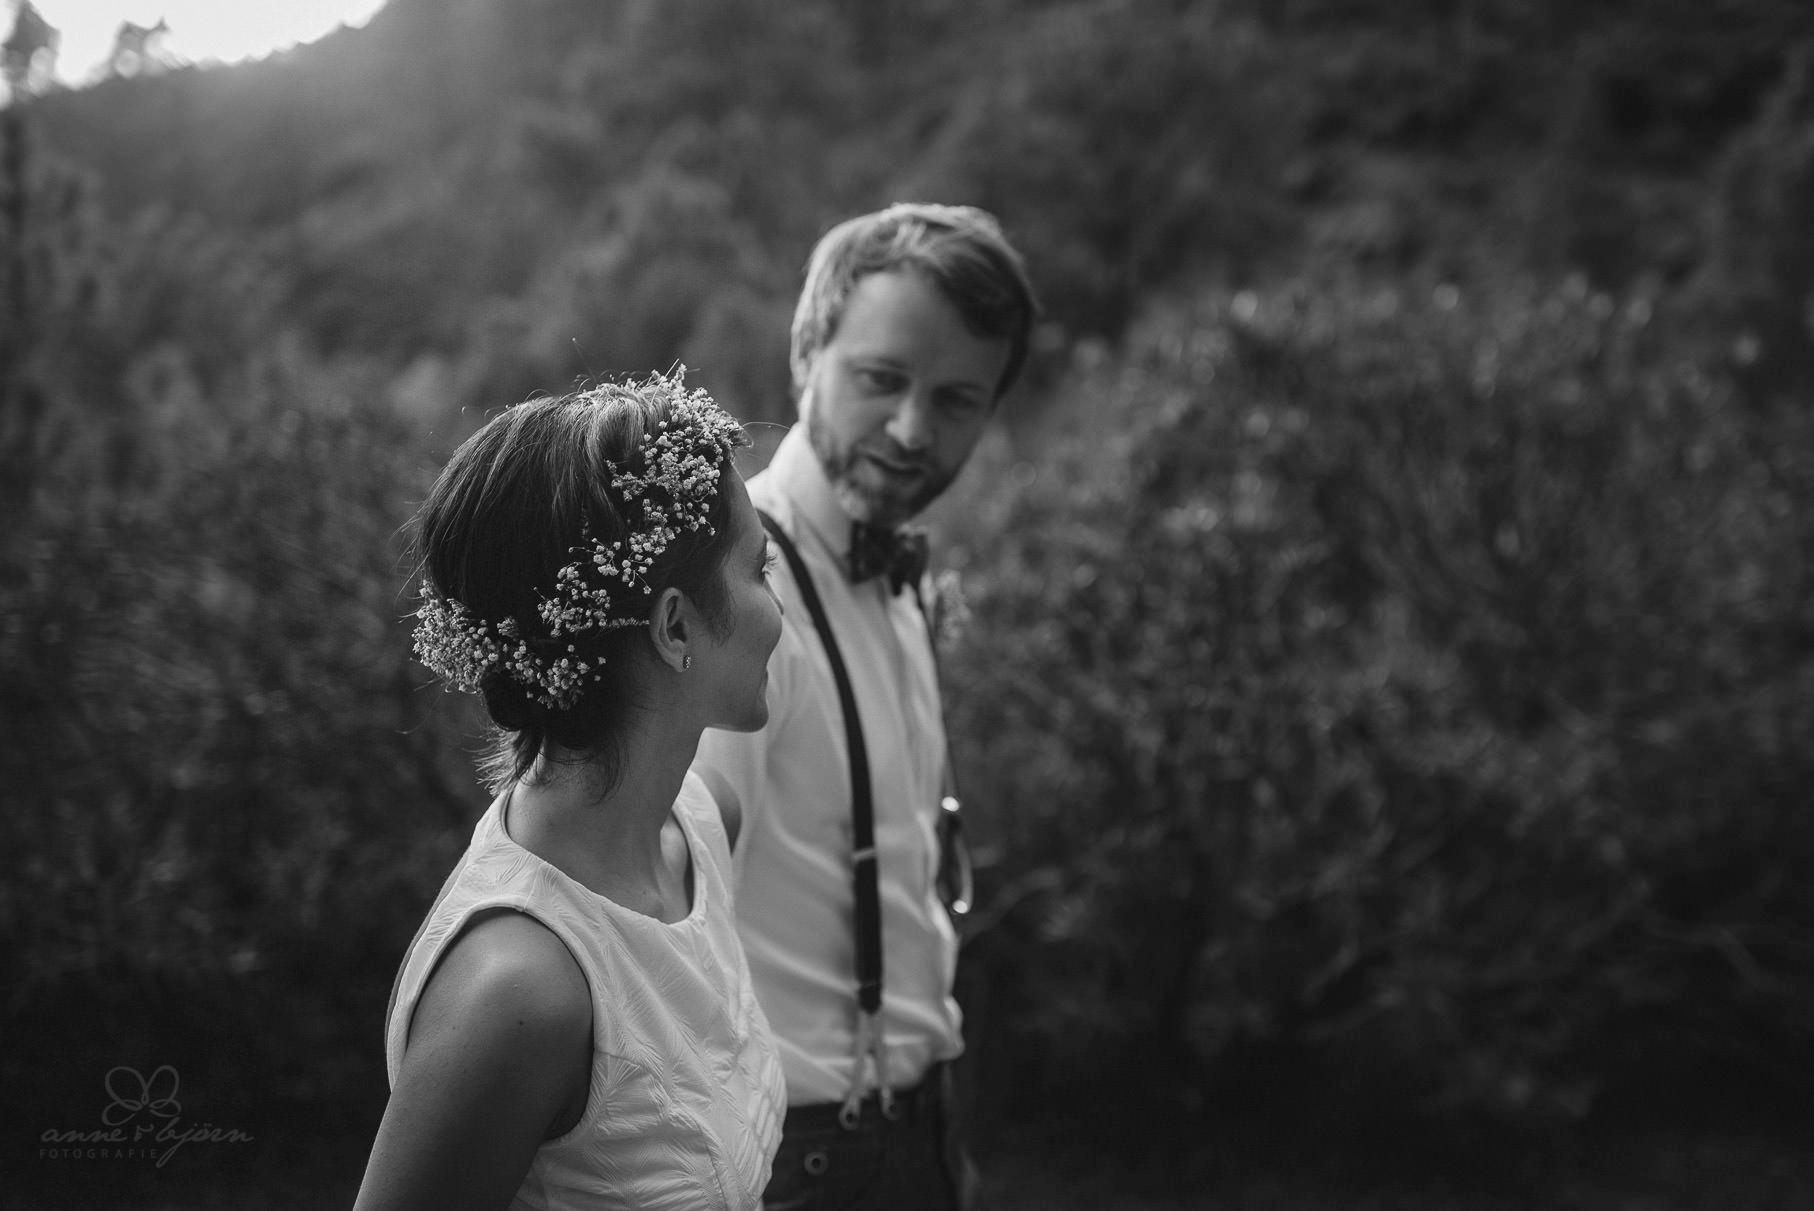 0103 lug d75 7109 - Hochzeit auf Gran Canaria - Linda & Gerald (Elopement)